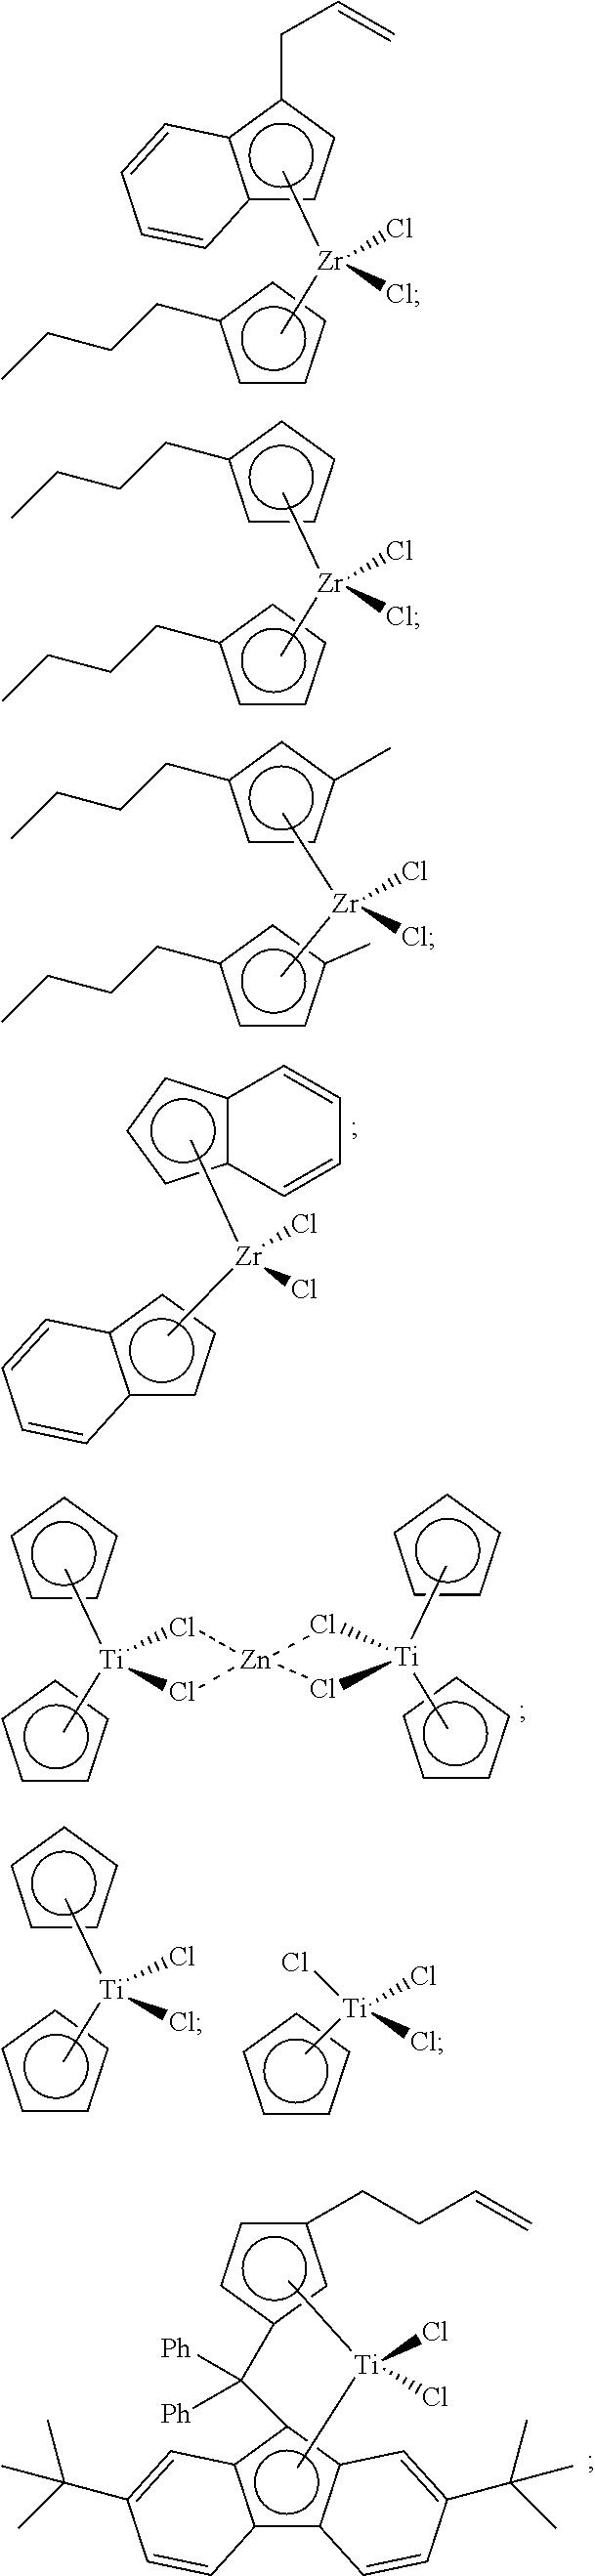 Figure US08501654-20130806-C00058